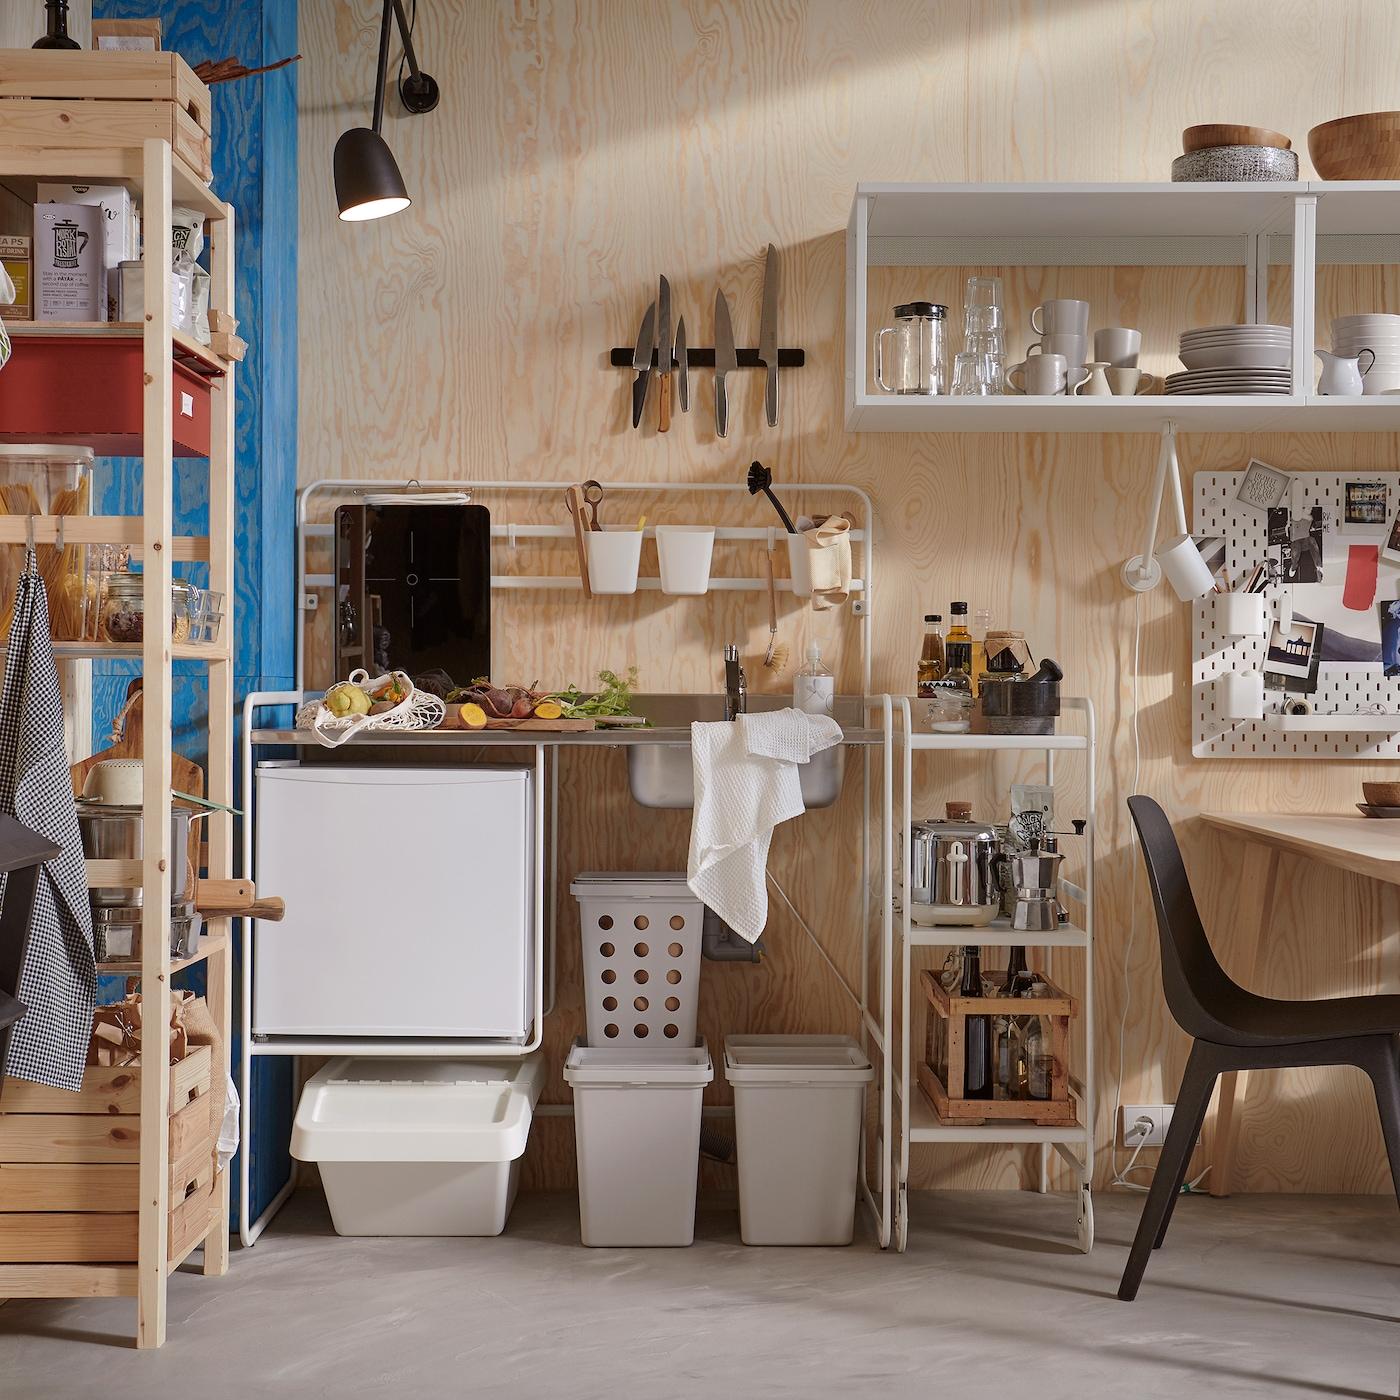 Uma cozinha pequena e luminosa com uma cozinha independente SUNNERSTA, caixotes para reciclagem em cinzento, um sistema de arrumação em pinho e cadeiras em preto.